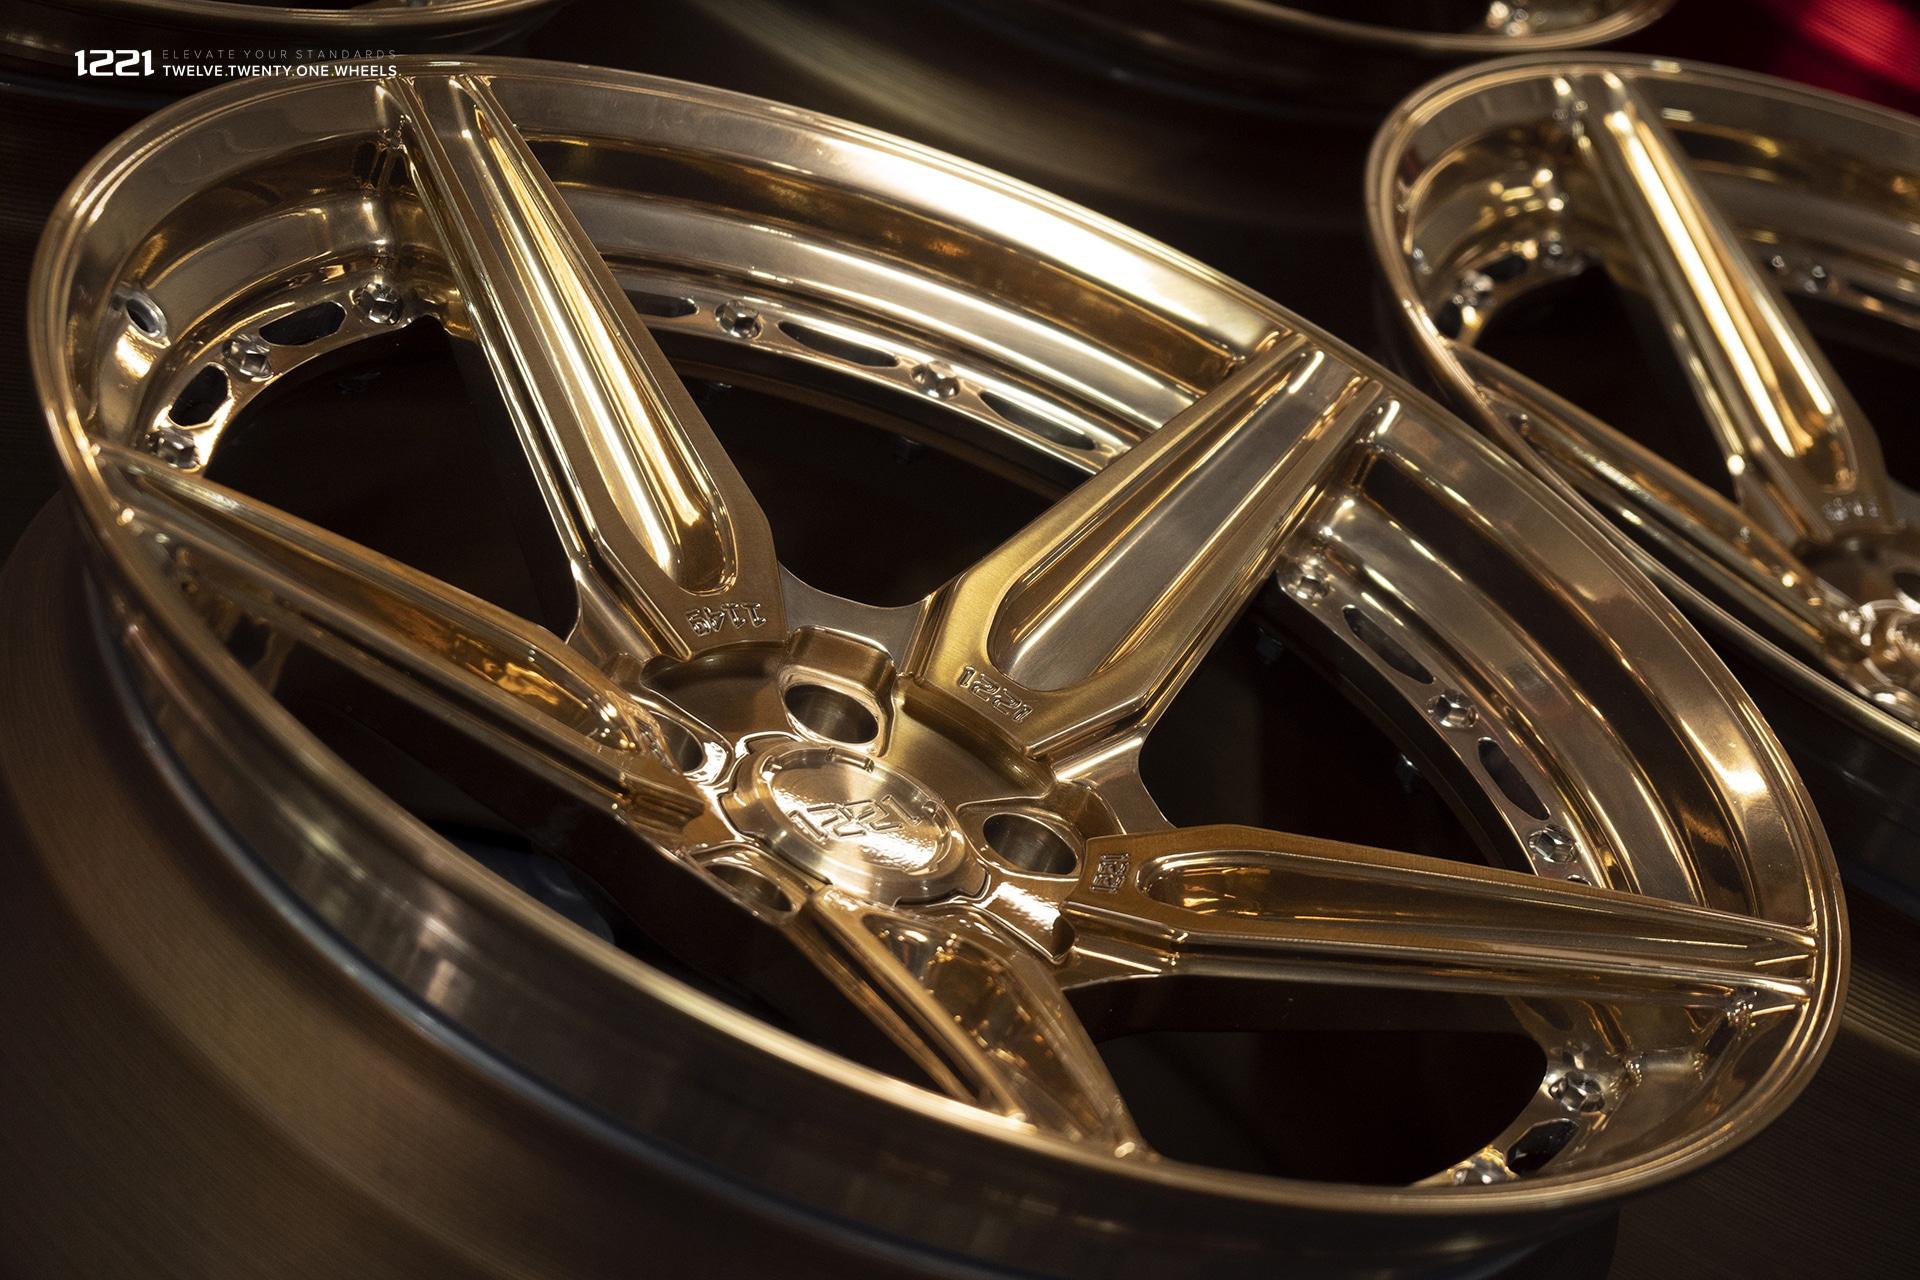 1221 brushed polished bronze finish concave wheels